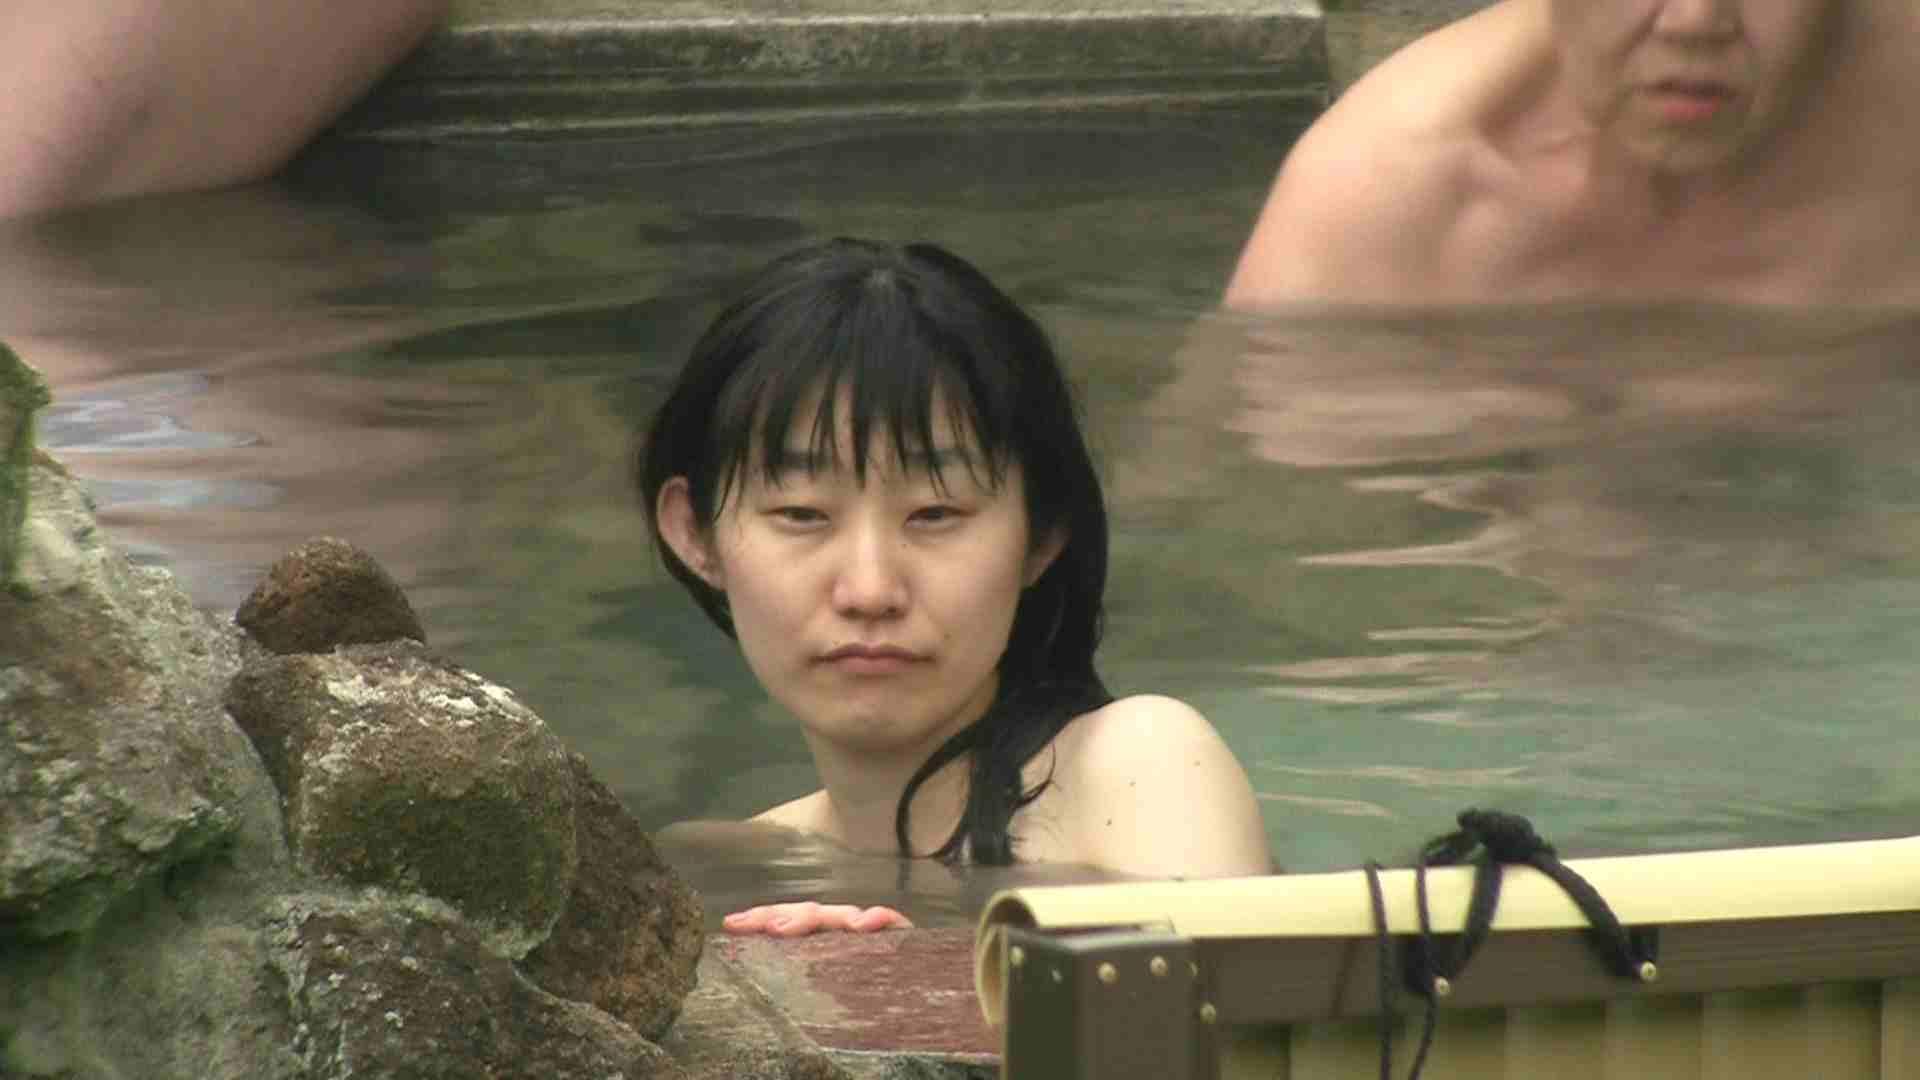 Aquaな露天風呂Vol.14【VIP】 盗撮シリーズ  94PIX 46